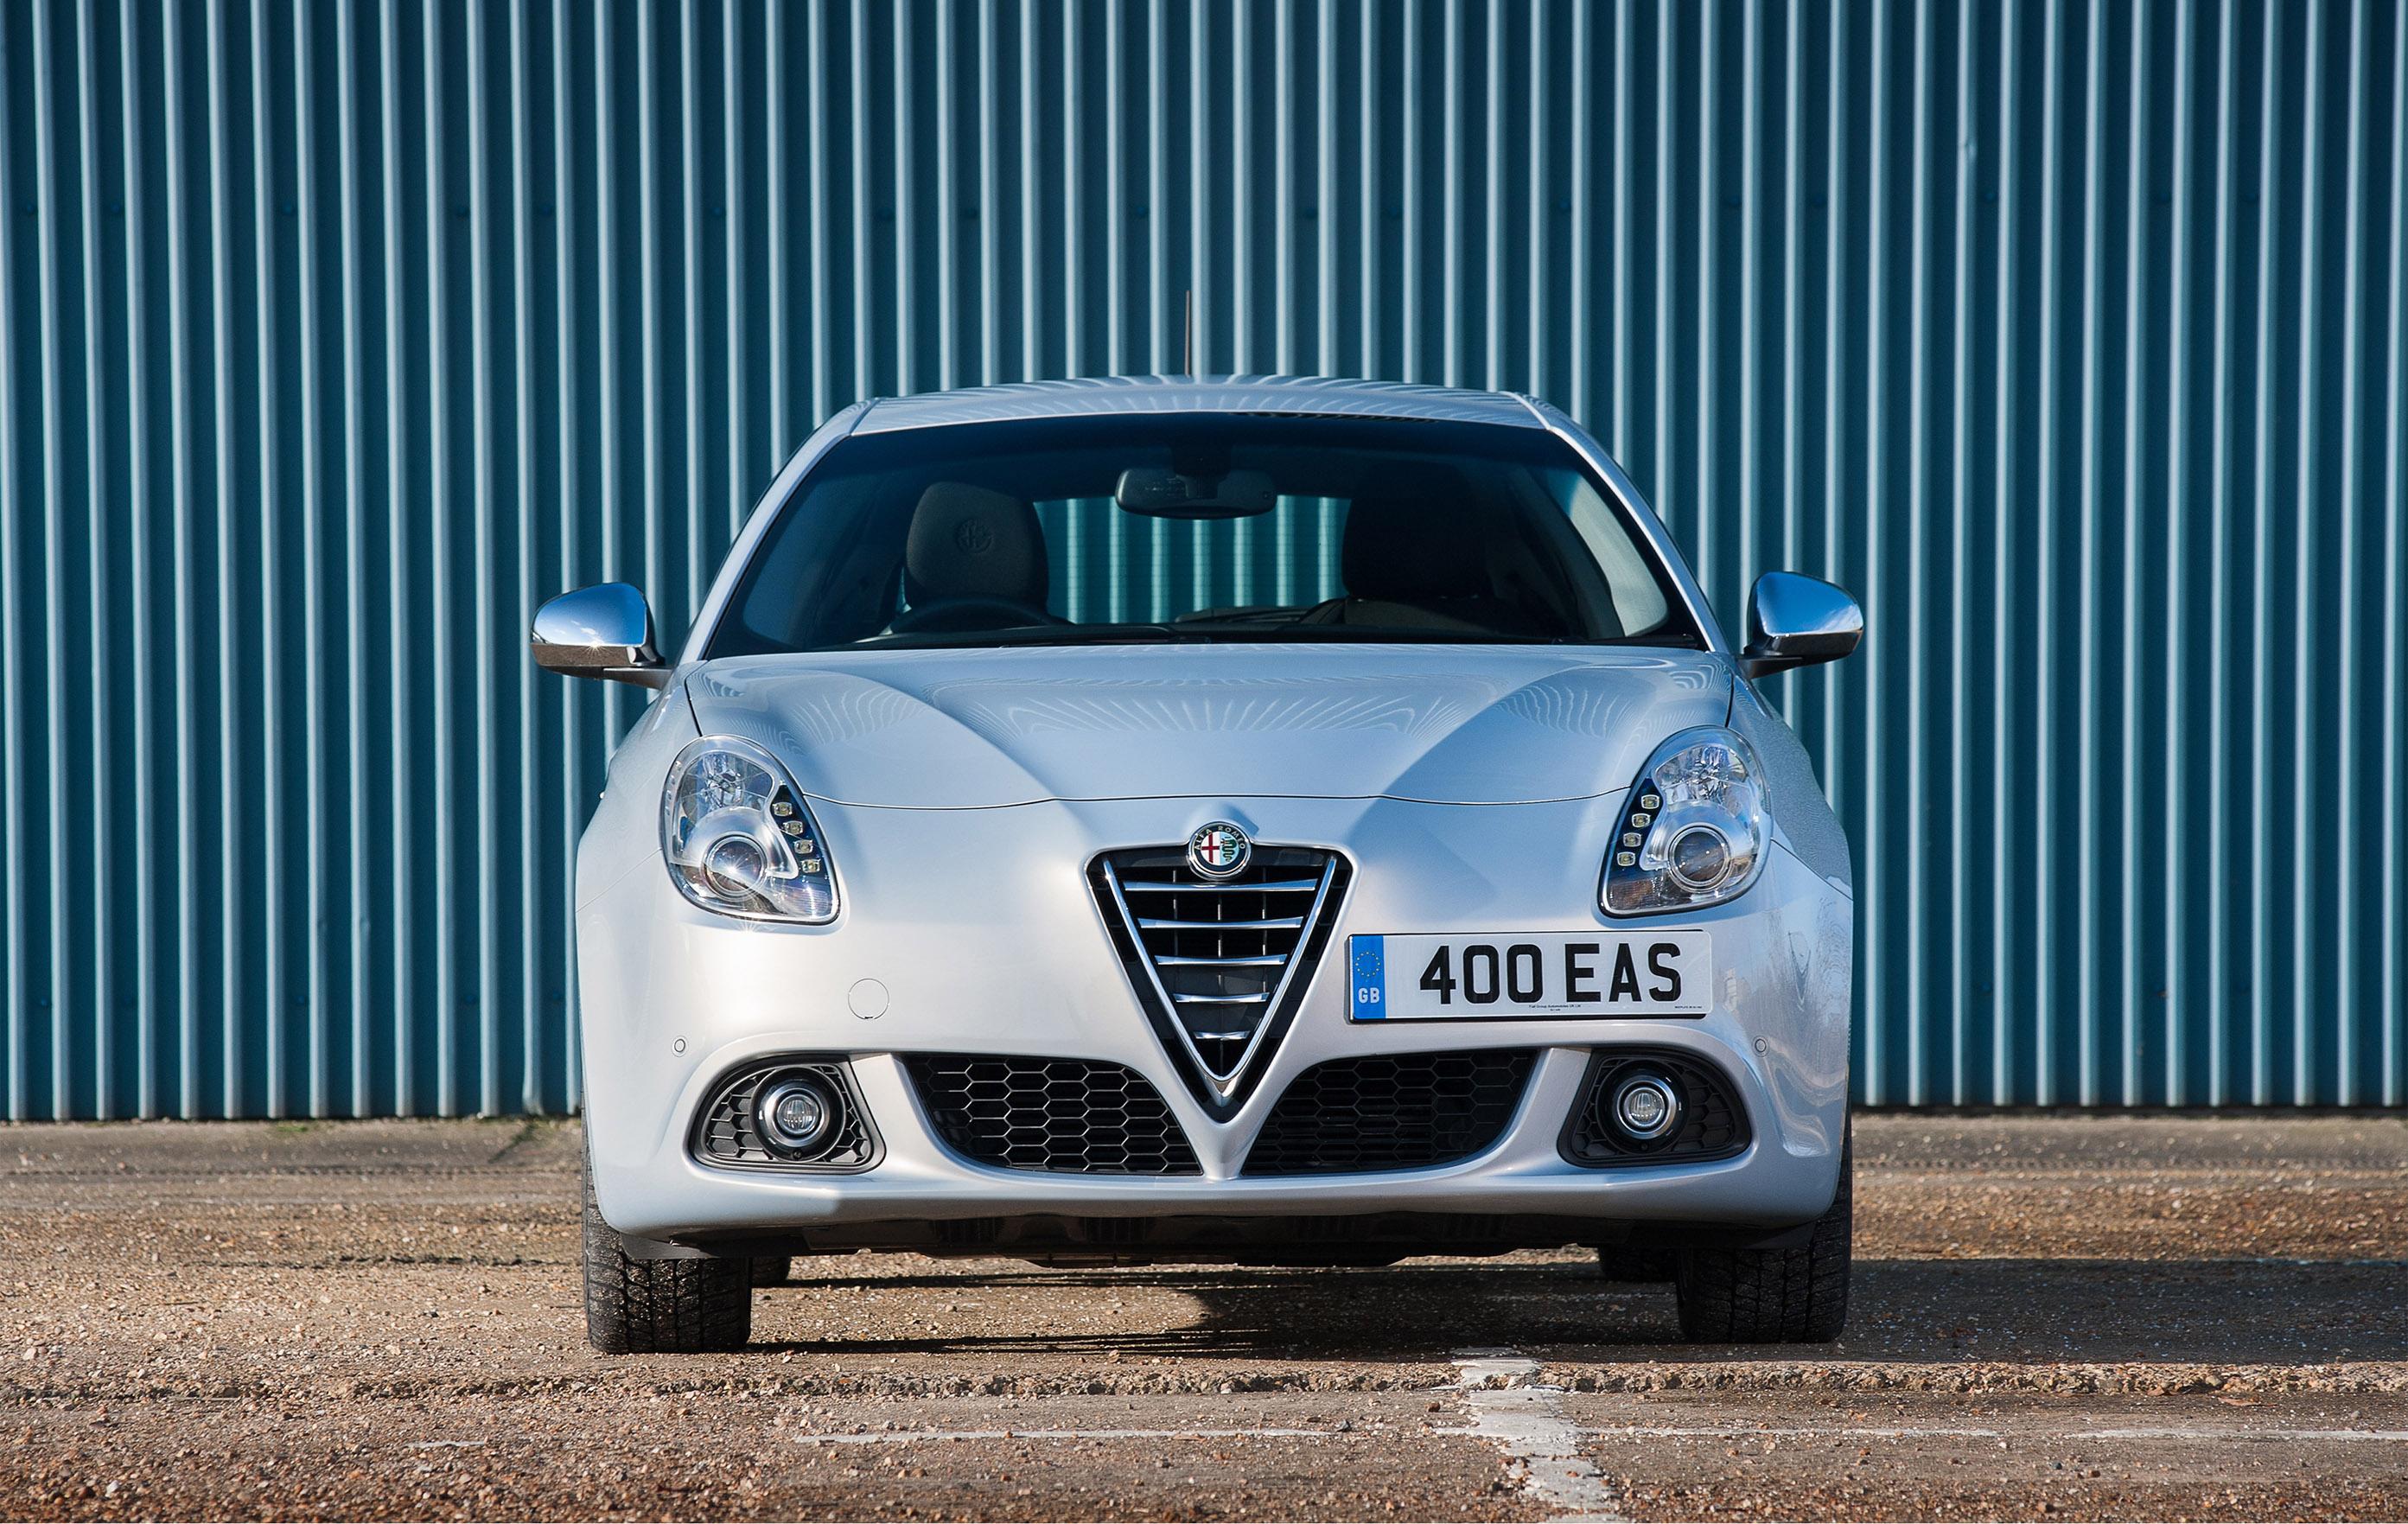 Alfa Romeo Releases Giulietta Business Edition